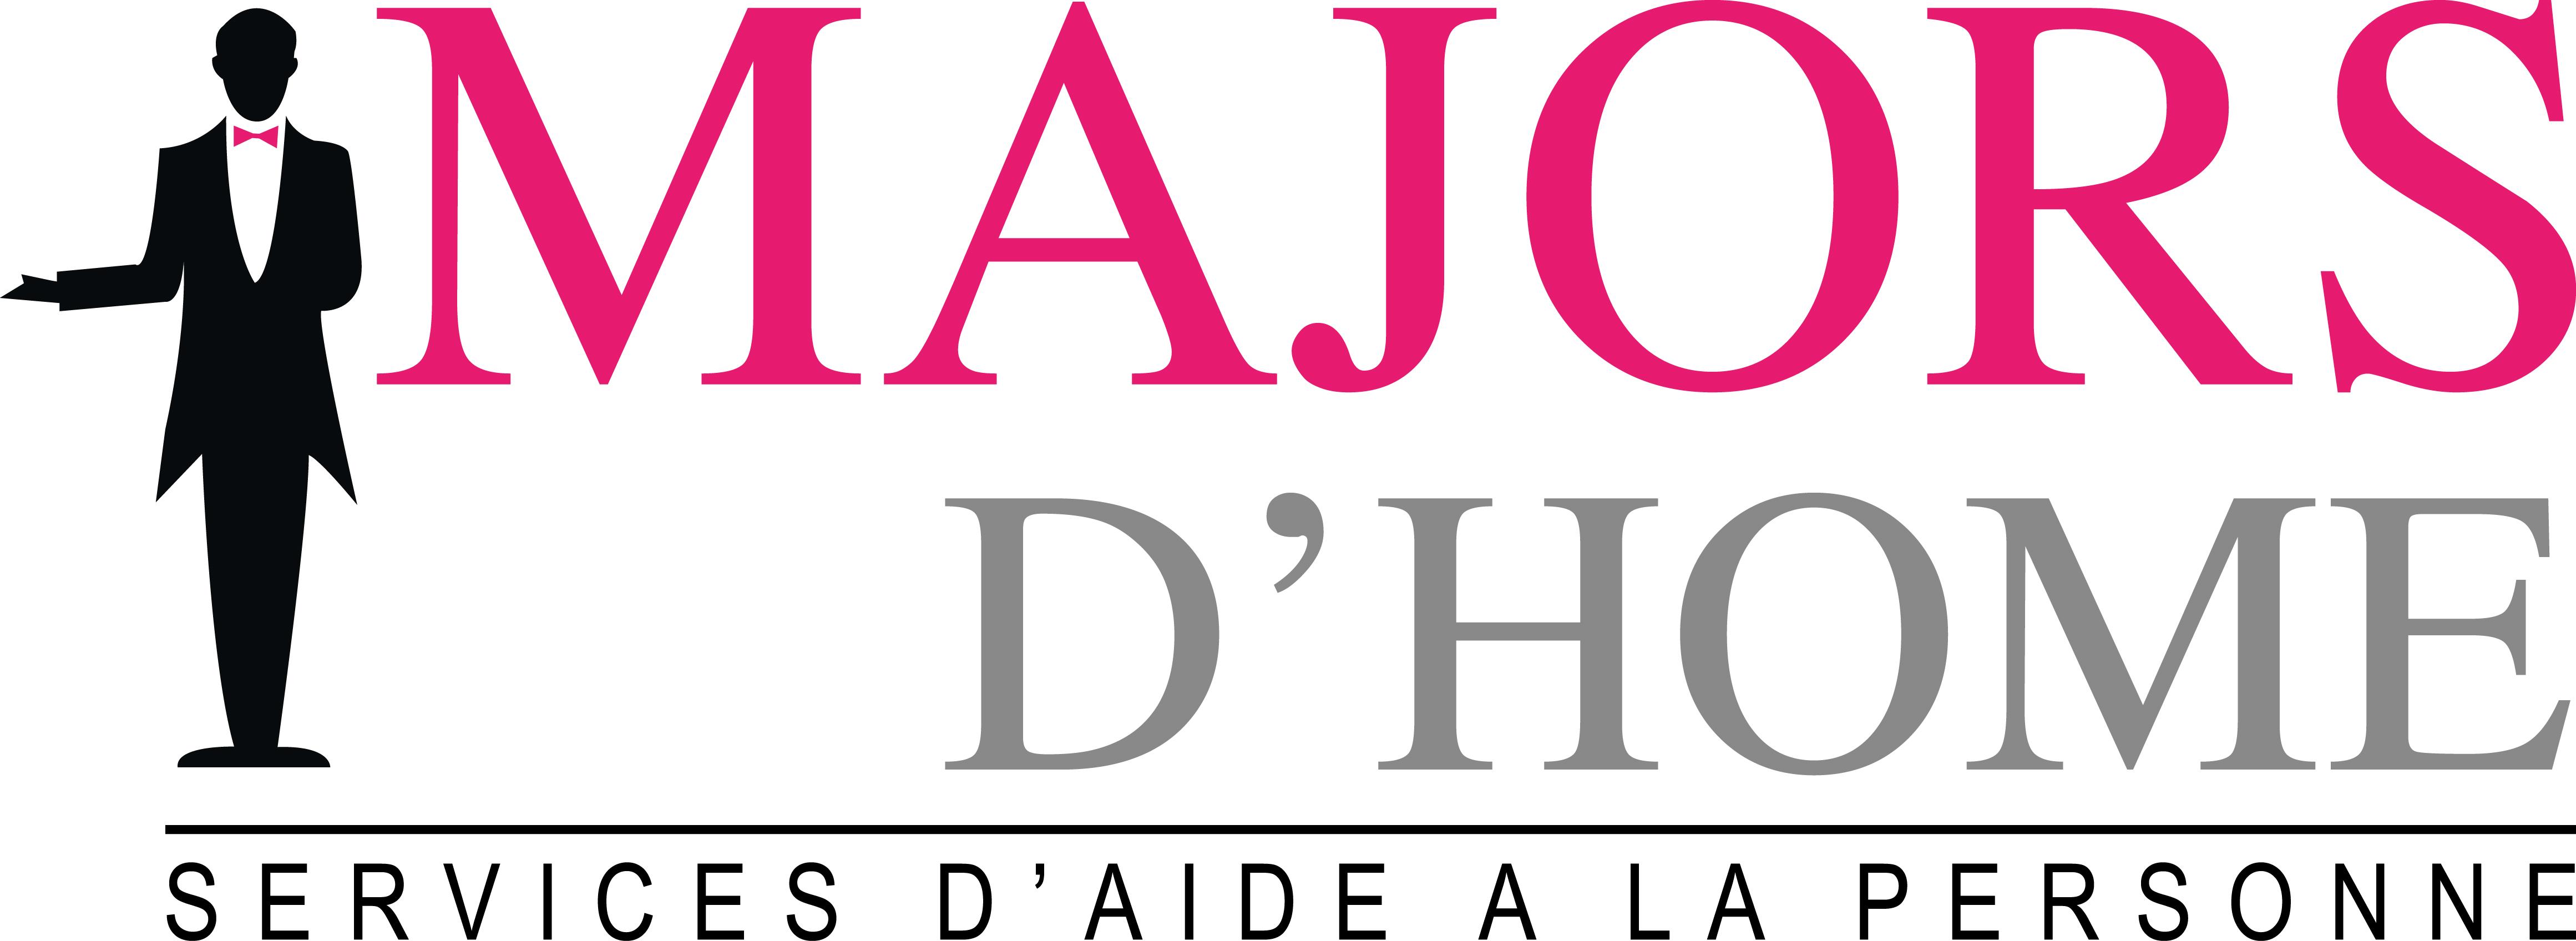 Maisons d'Accueil Seniors Majors d'Home